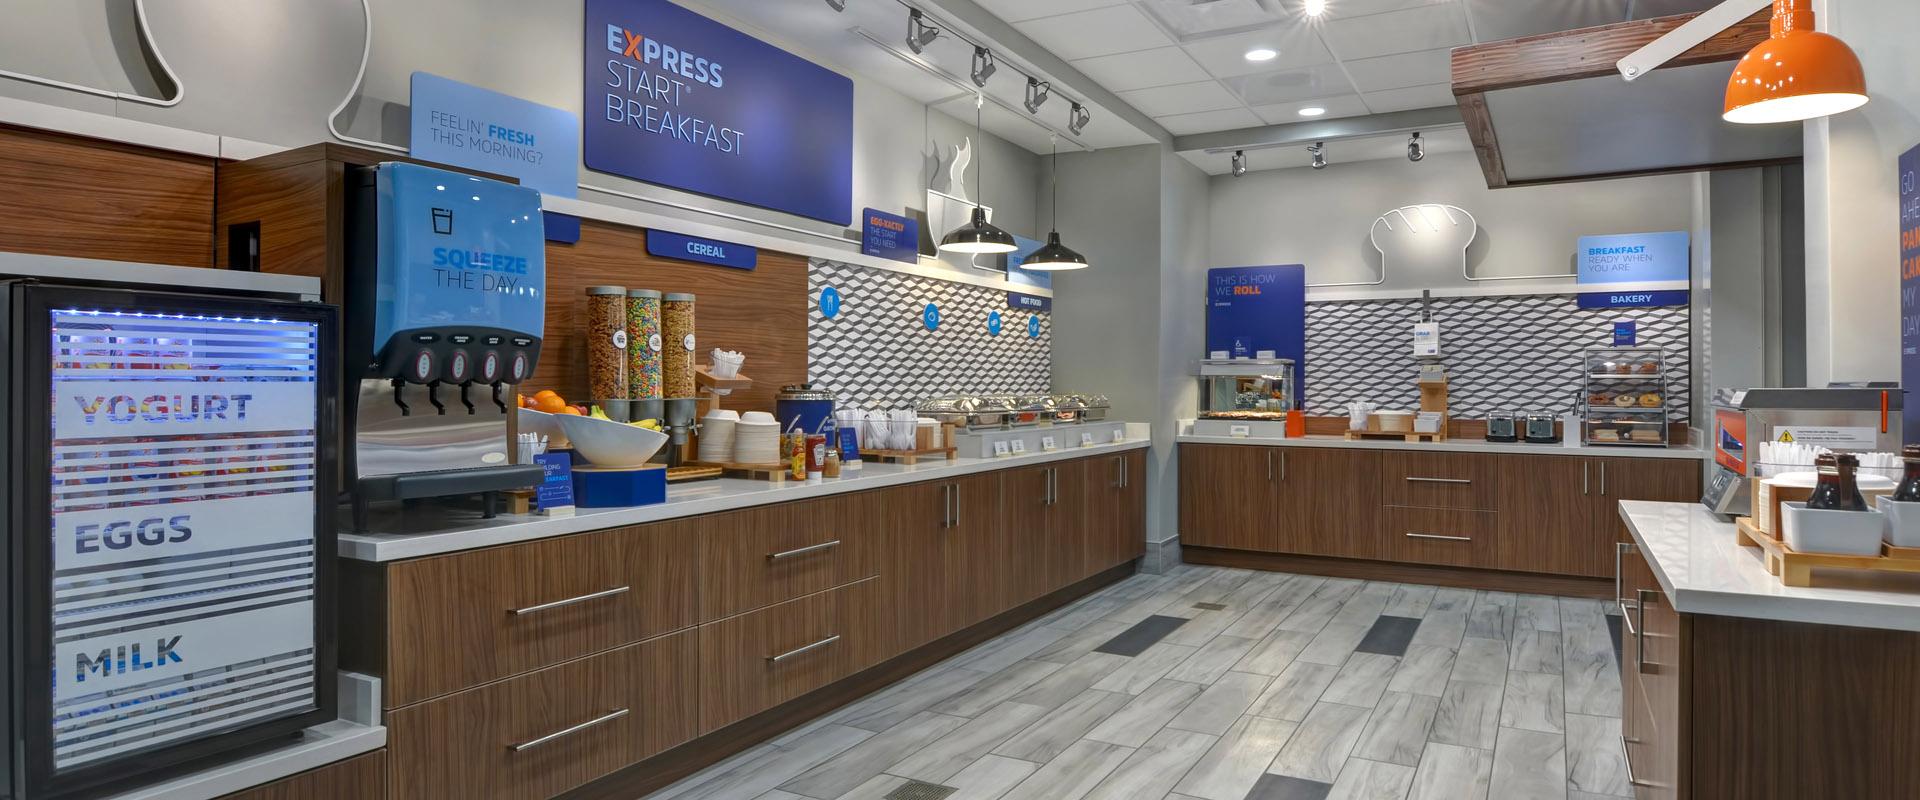 Holiday Inn Express Greenville - Breakfast Buffet